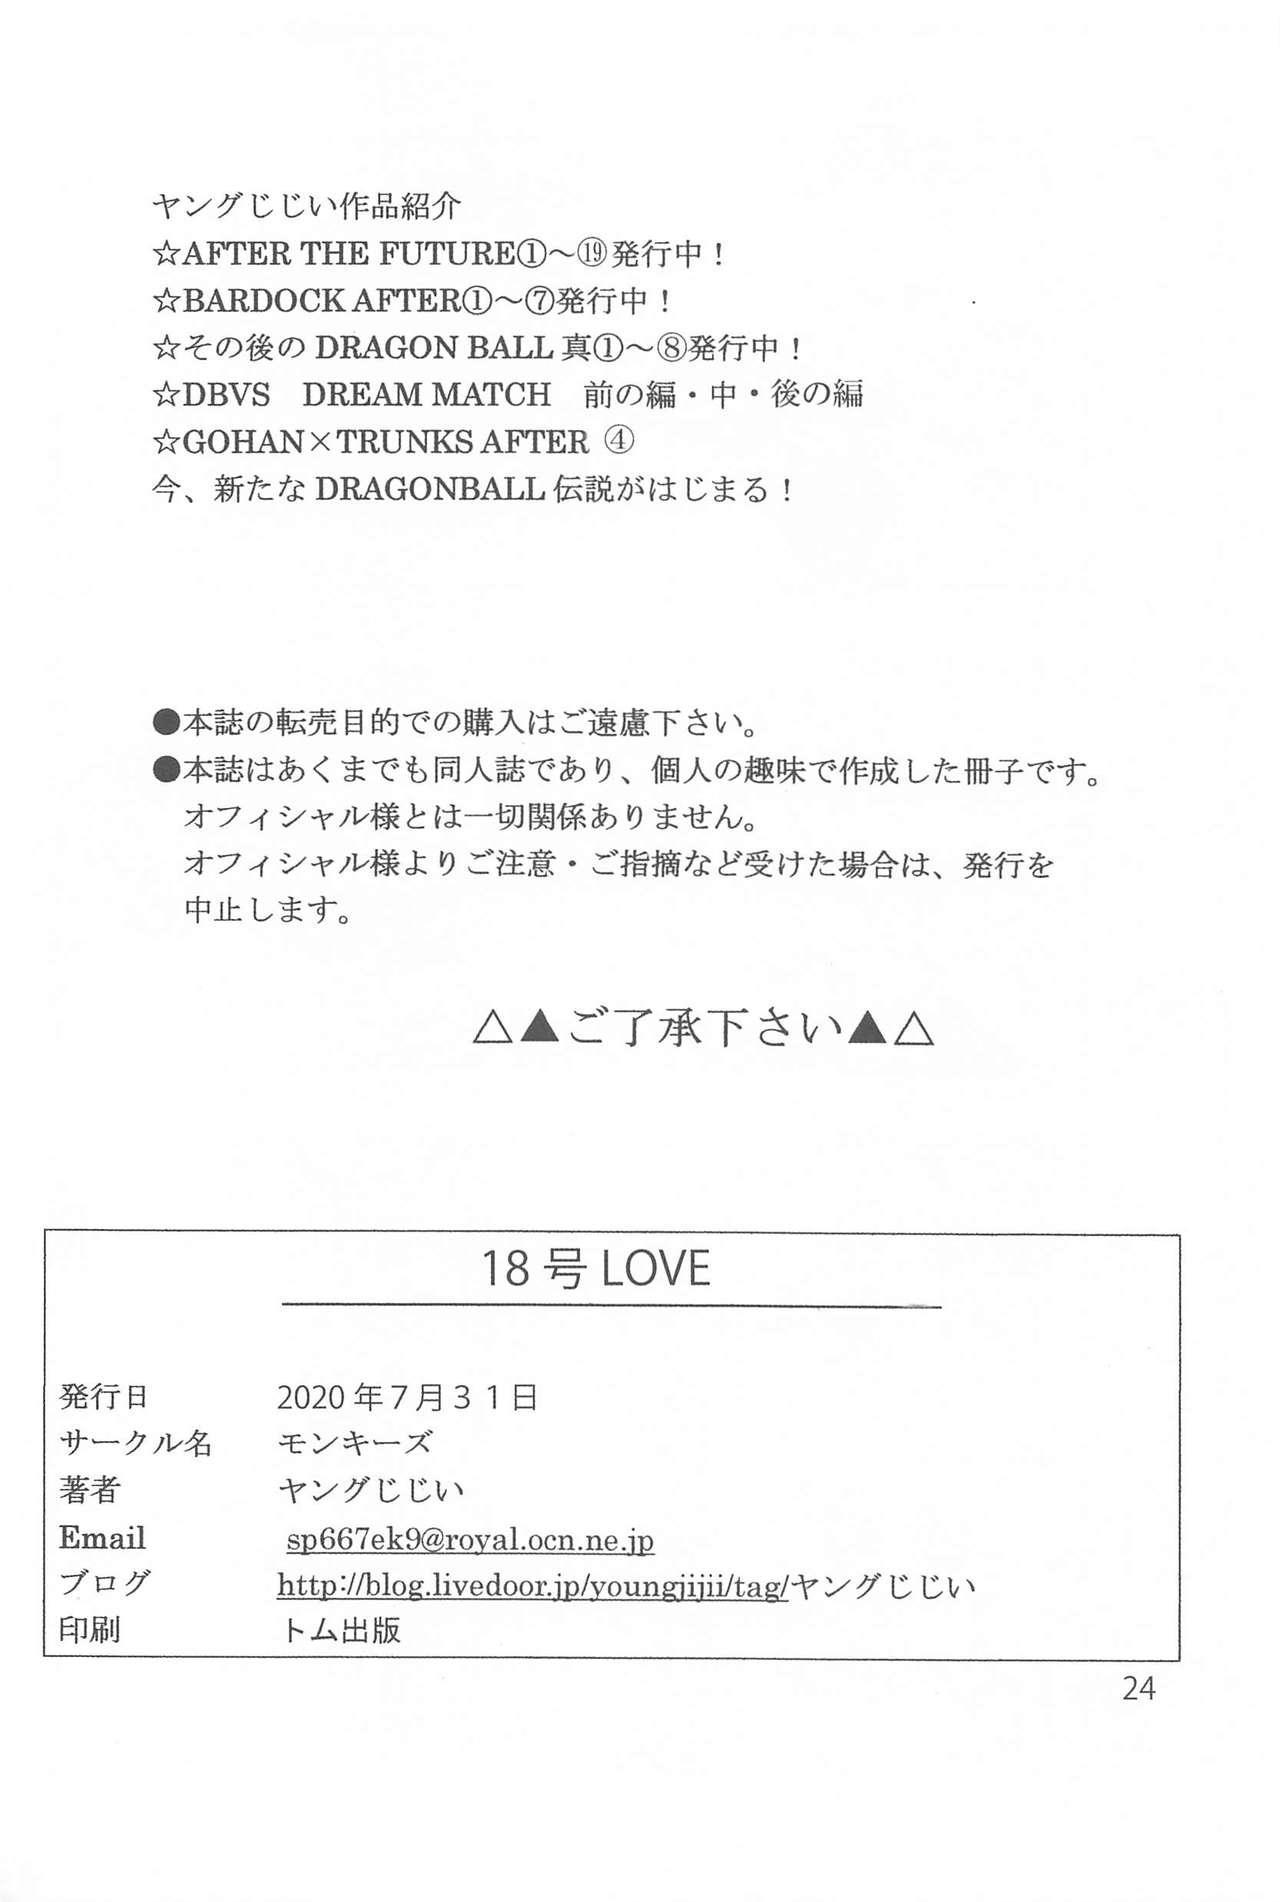 18-gou LOVE 25